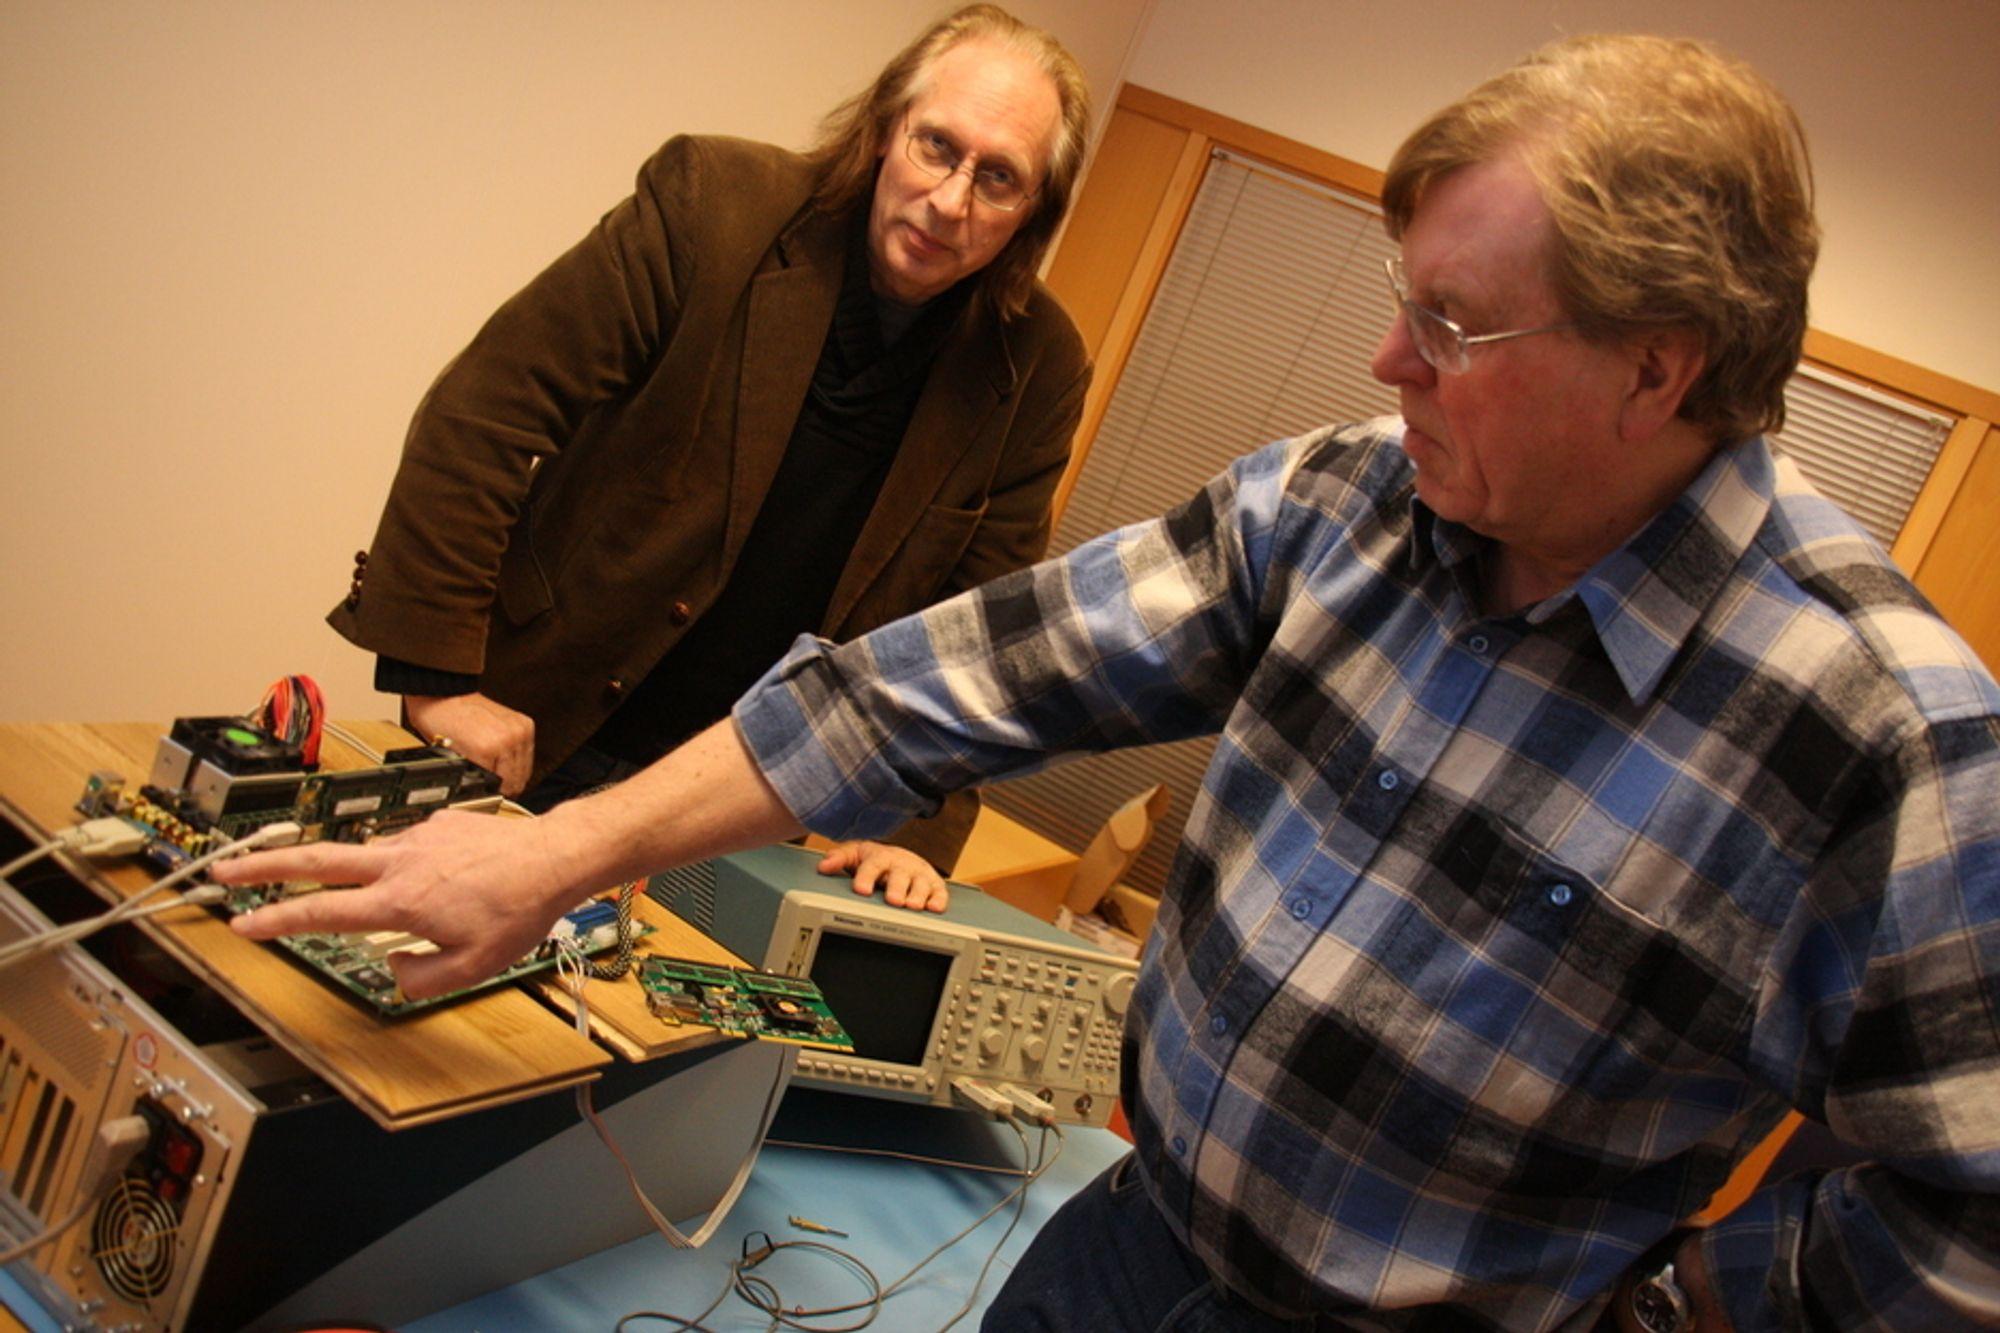 SAMLER: Direktør for forretningsutvikling Einar Rustad (t.v.) og adm. dir. Kåre Løchsen er snart i mål med brikken som samler arbeidsminne i superdatamaskiner.